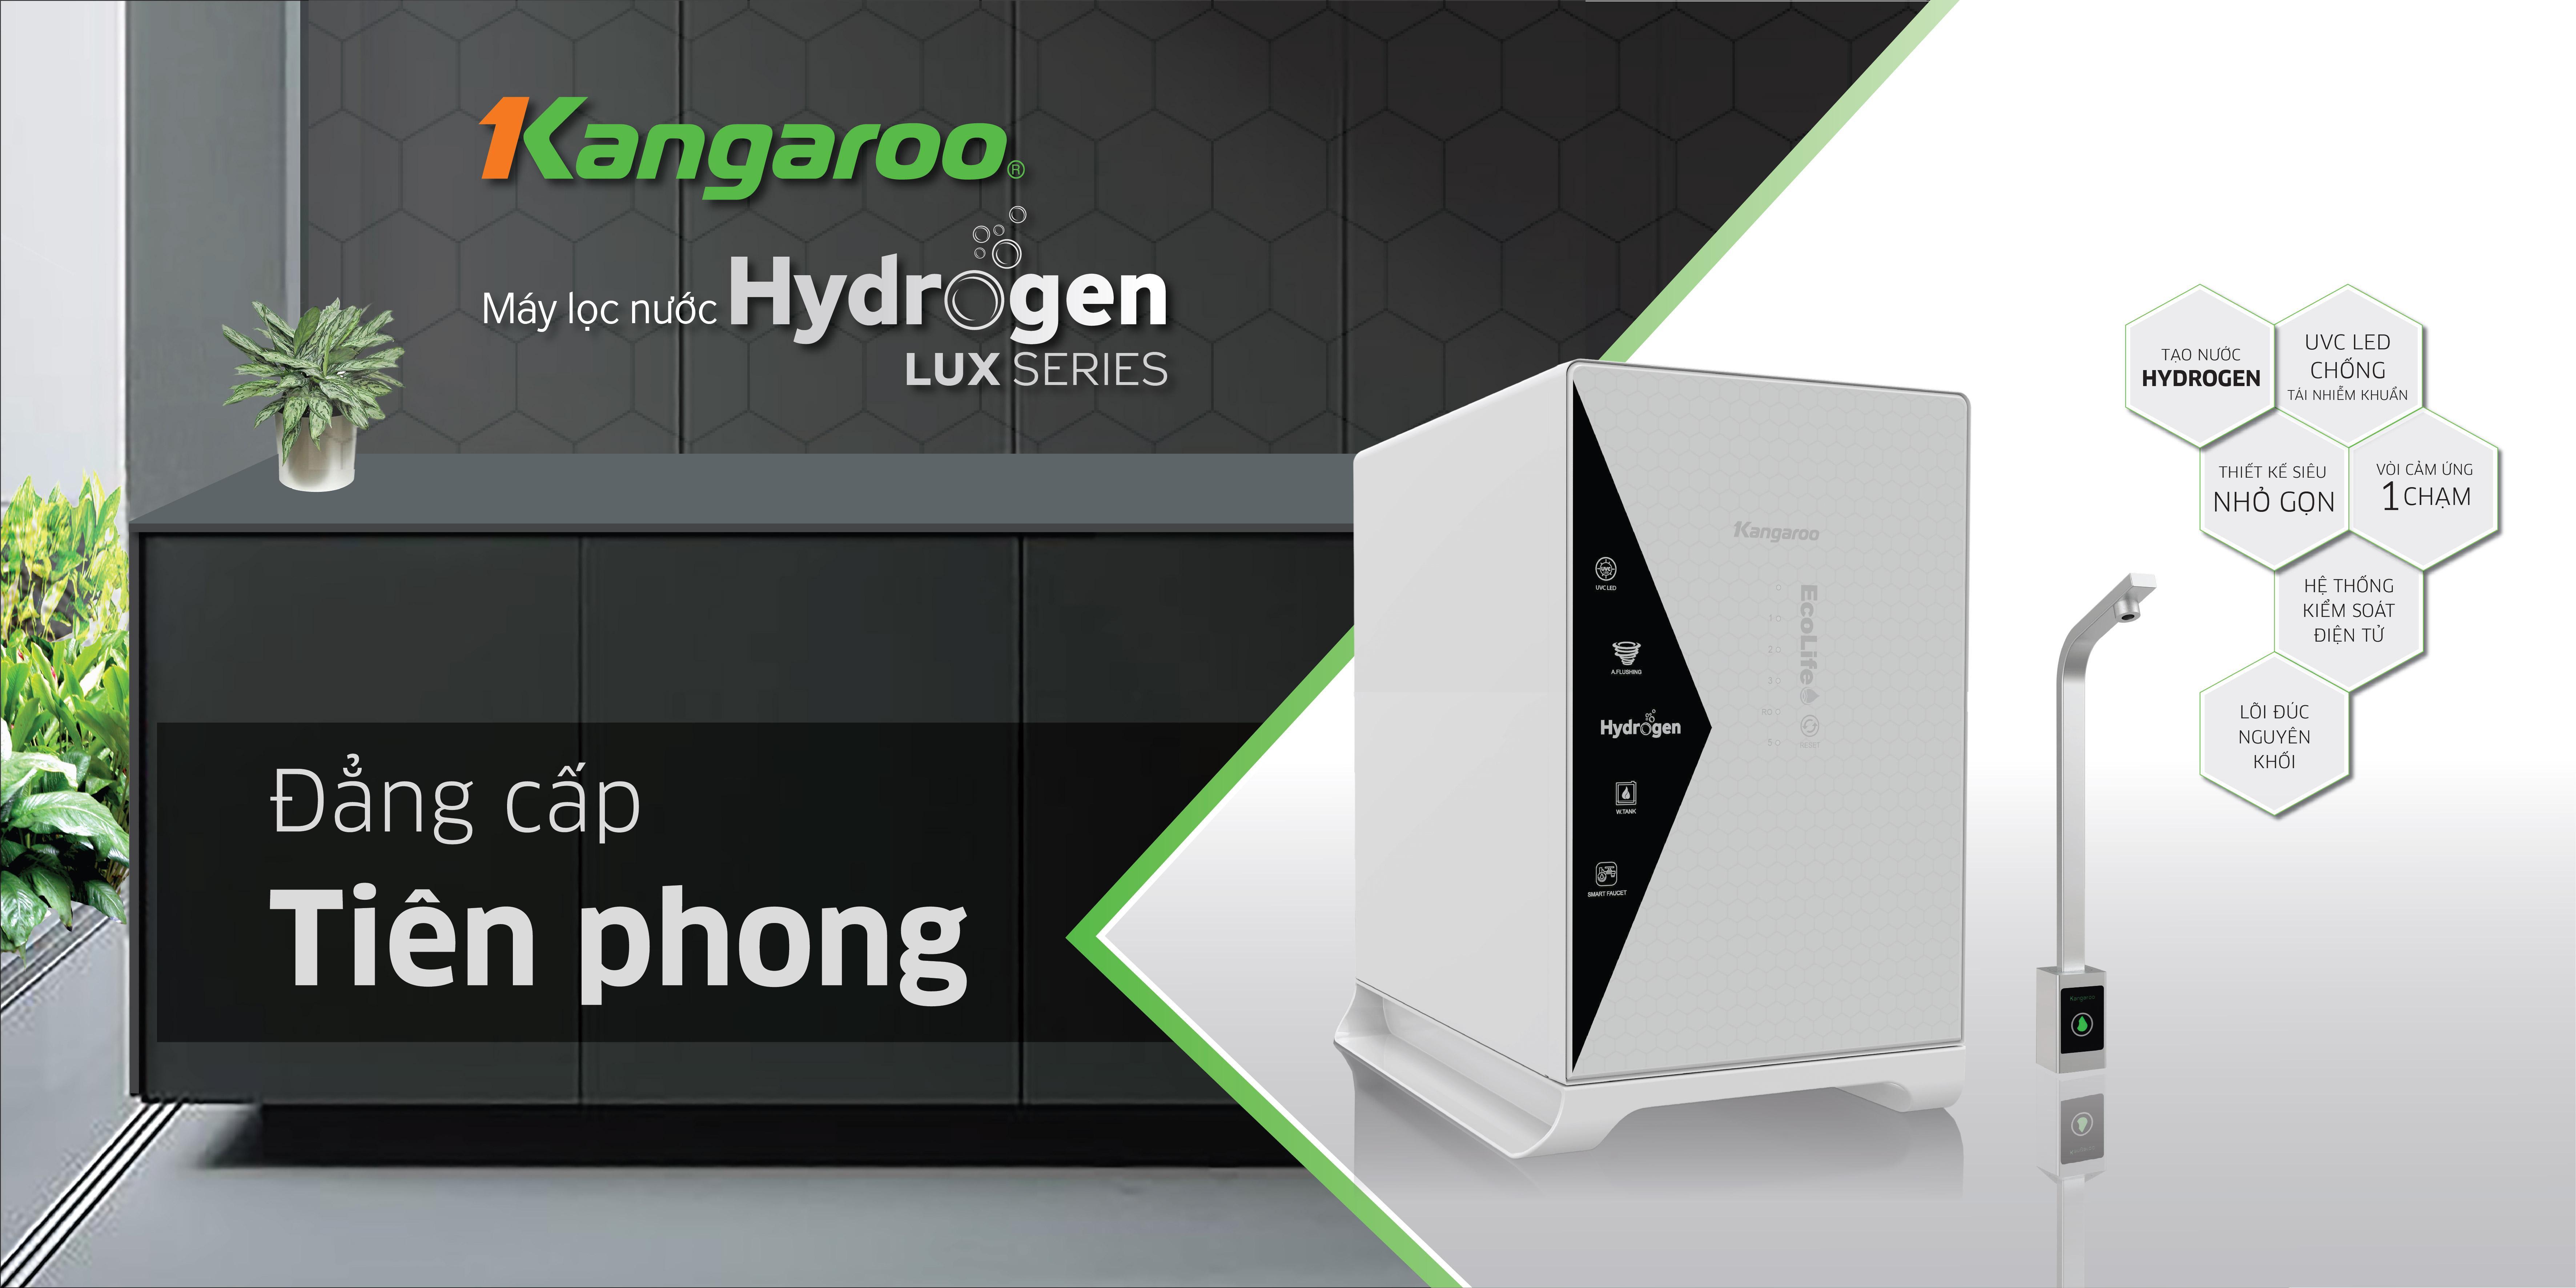 Máy lọc nước Kangaroo Hydrogen LUX series KG100HU+